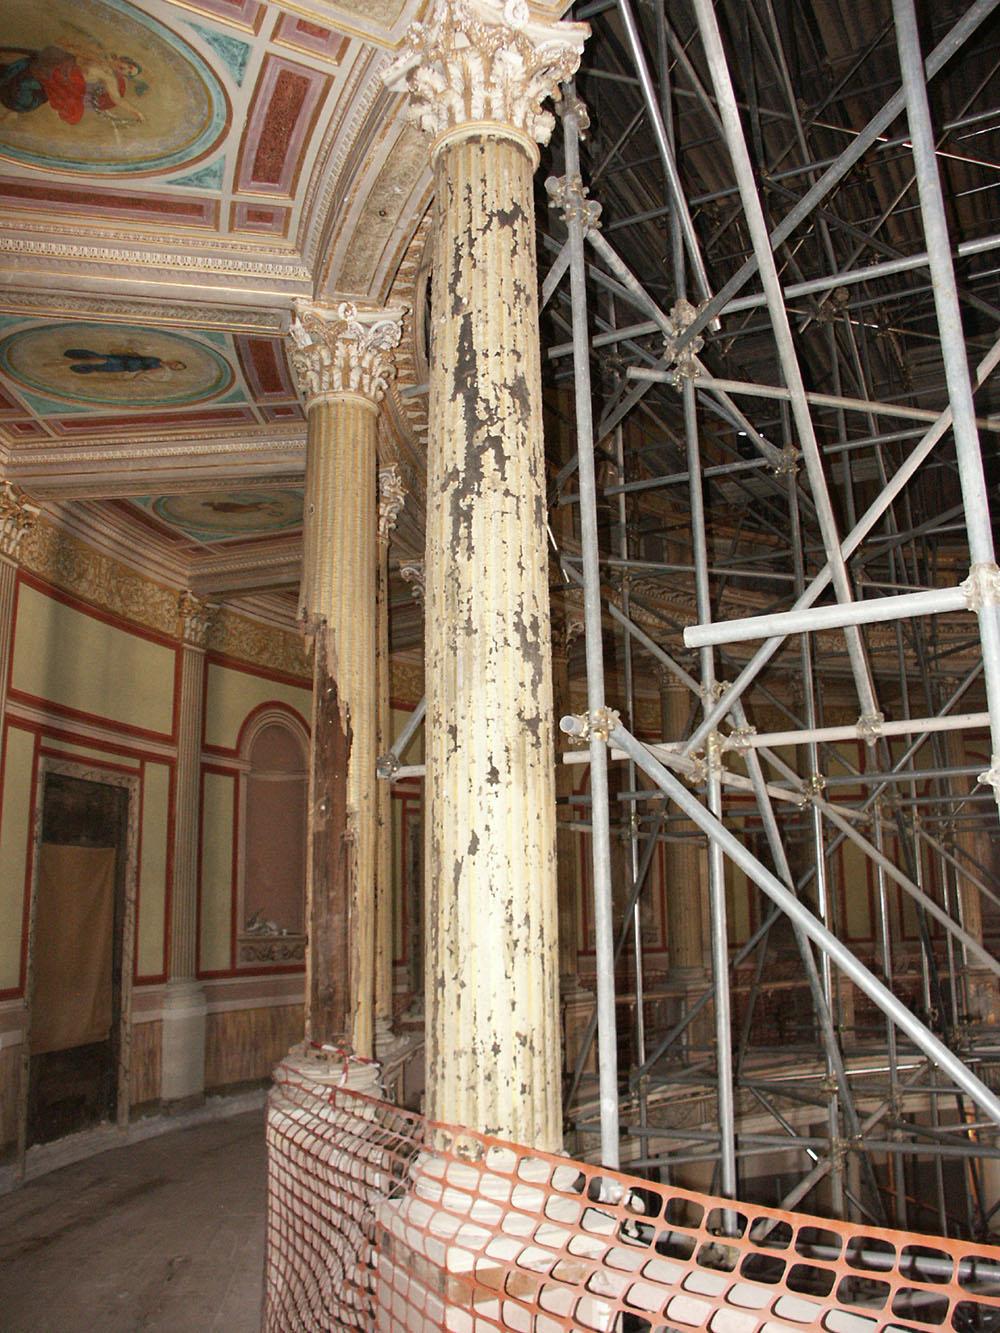 01 le colonne della galleria semicircolare interna del Teatro-stato di fatto